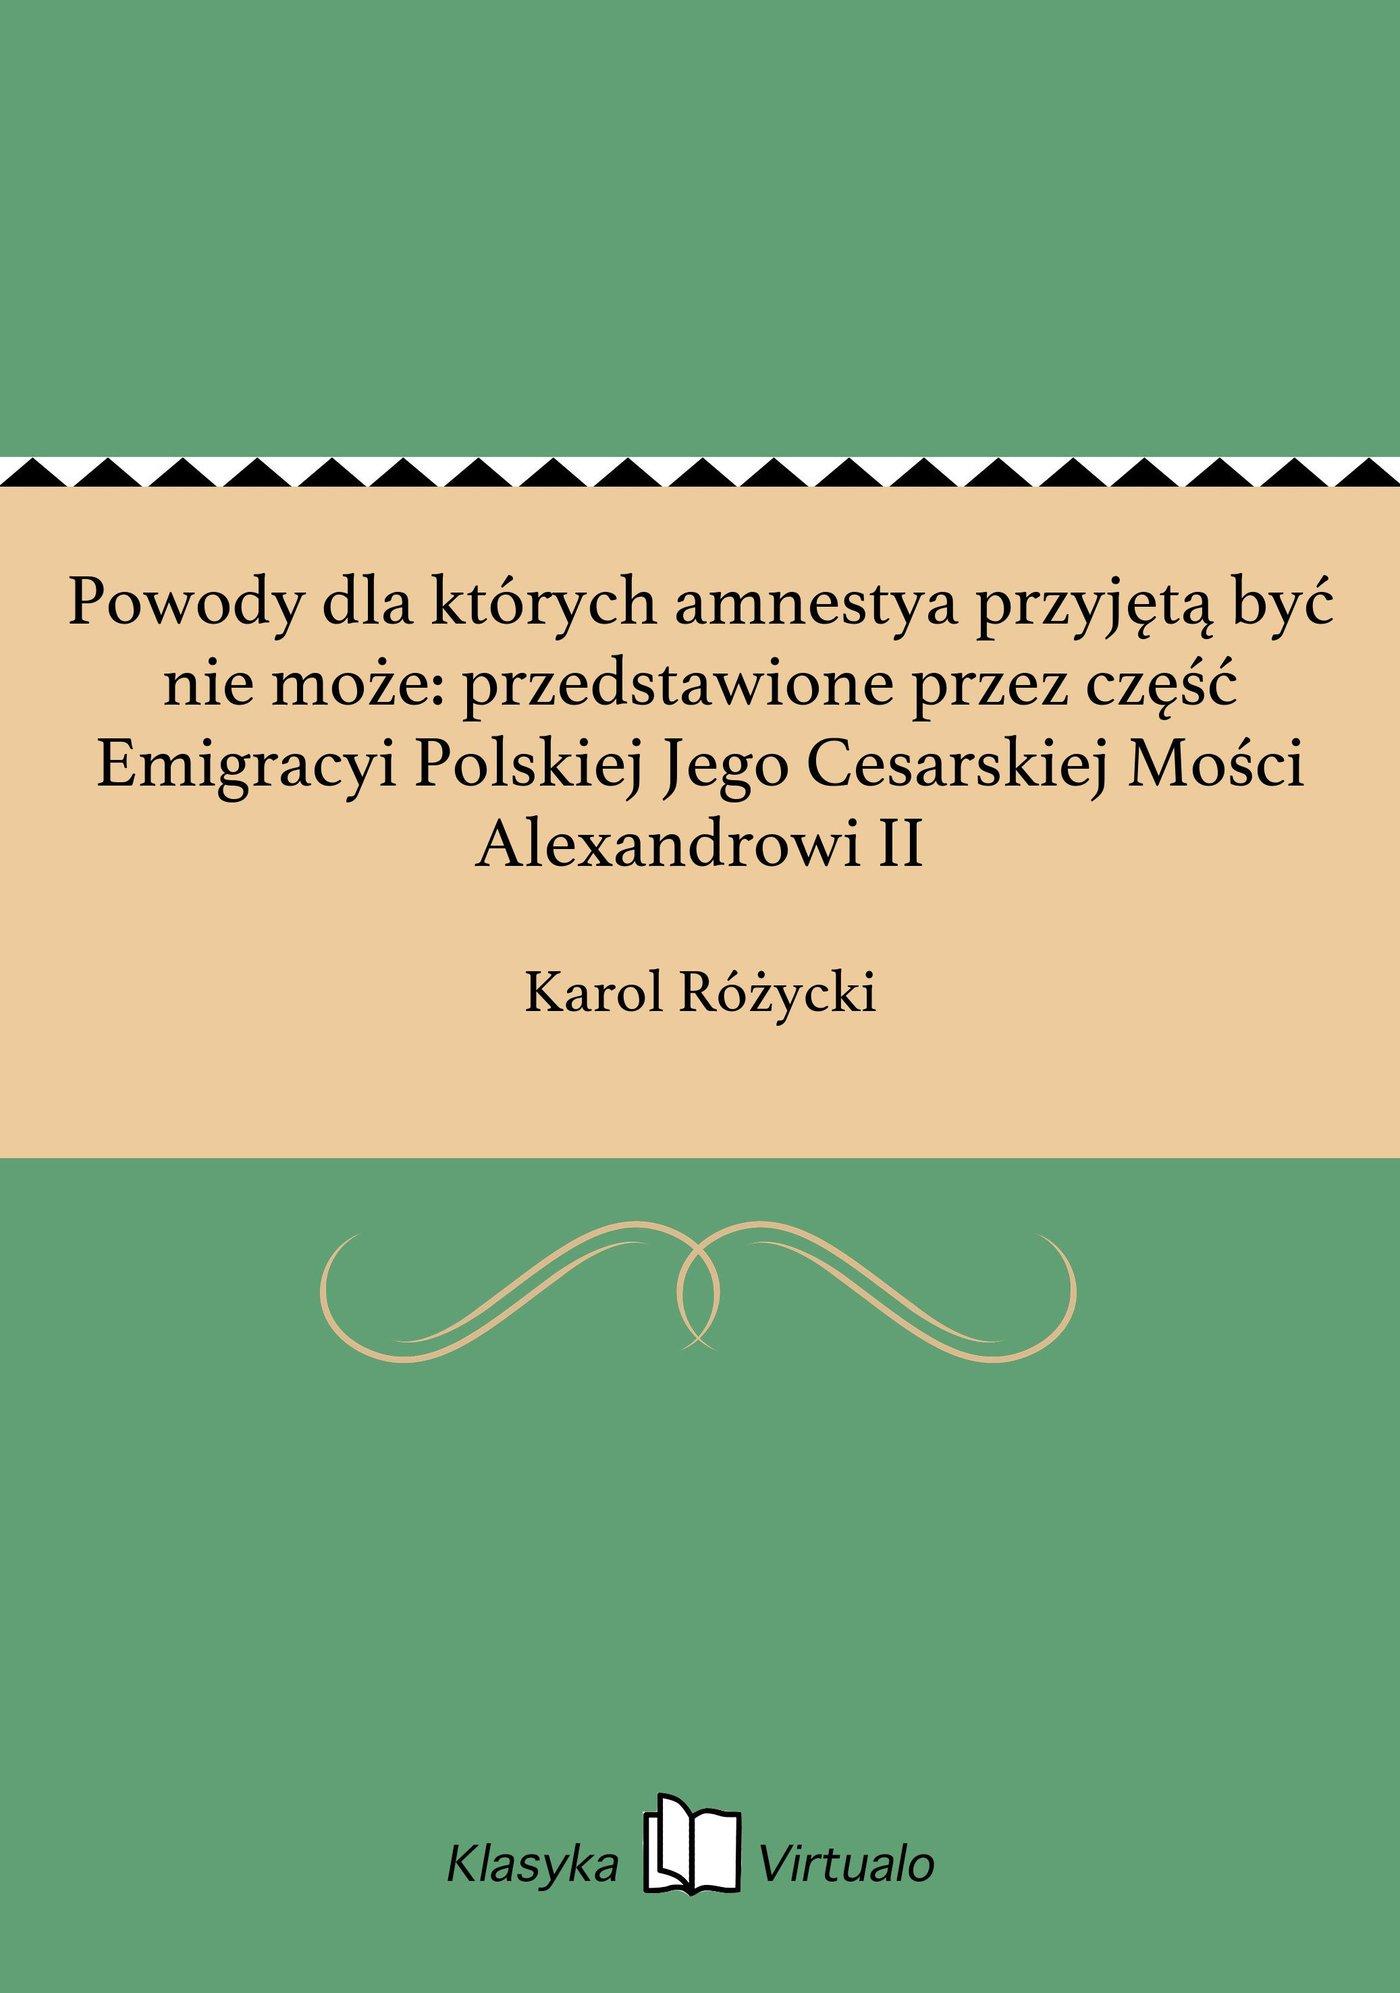 Powody dla których amnestya przyjętą być nie może: przedstawione przez część Emigracyi Polskiej Jego Cesarskiej Mości Alexandrowi II - Ebook (Książka EPUB) do pobrania w formacie EPUB